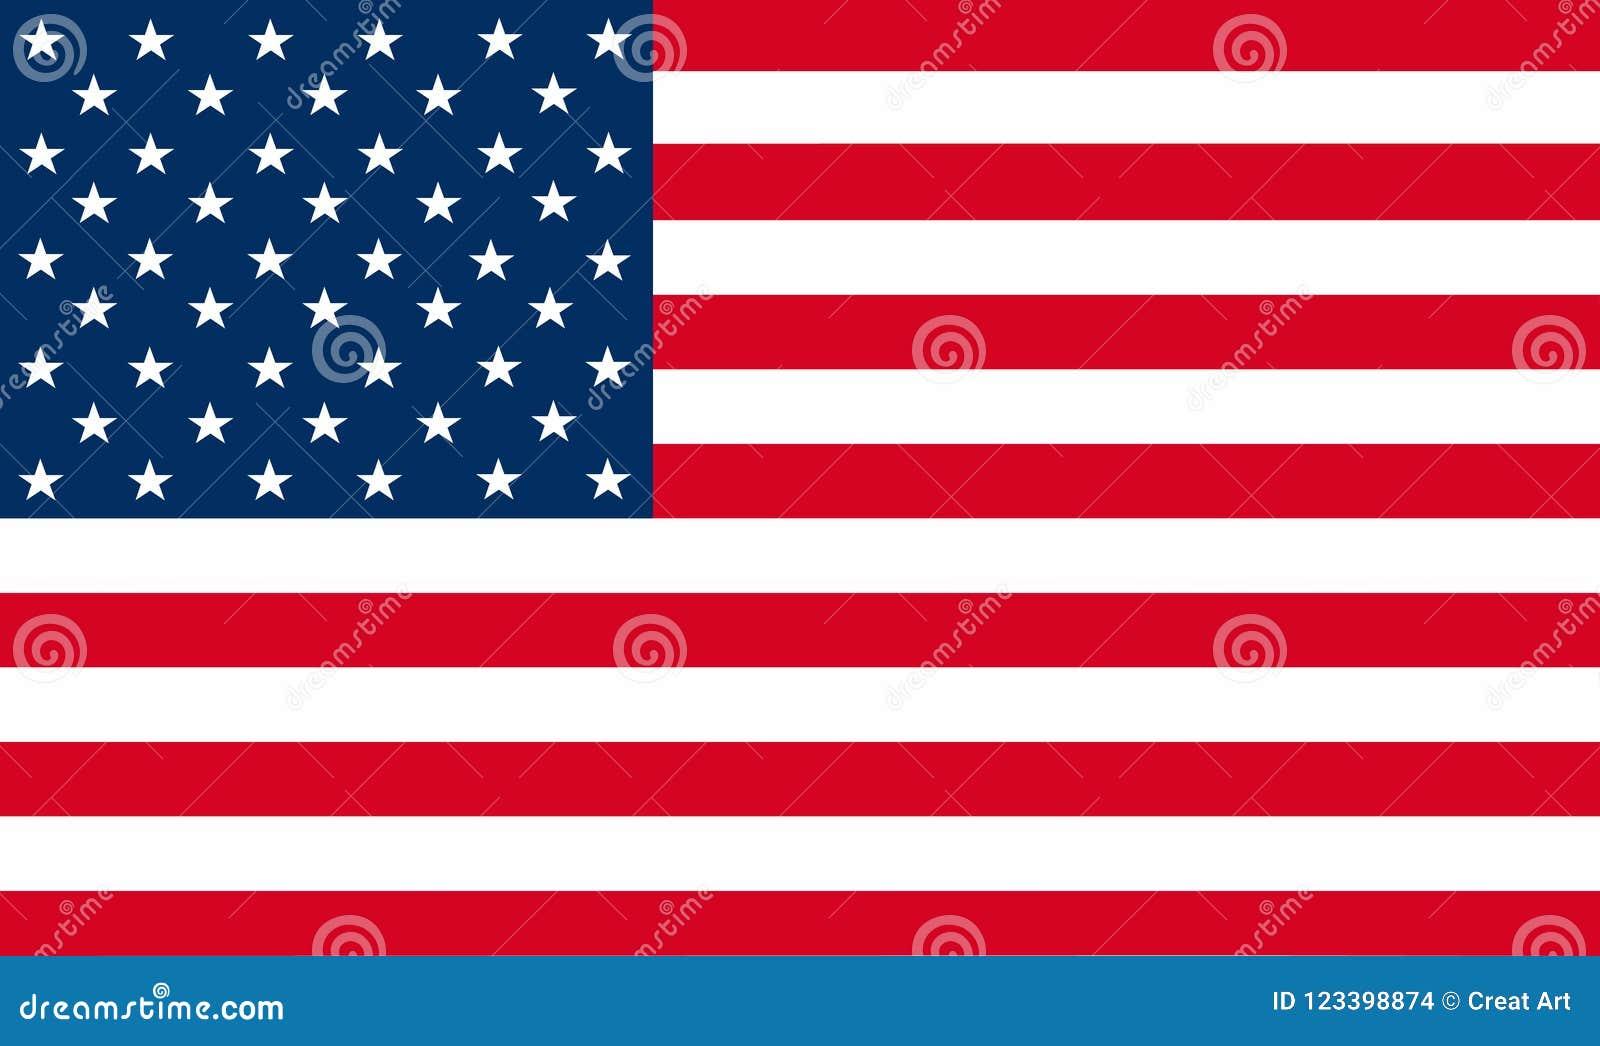 διάνυσμα σημαιών των Ηνωμένων Πολιτειών της Αμερικής Απεικόνιση αμερικανικού εθνικού